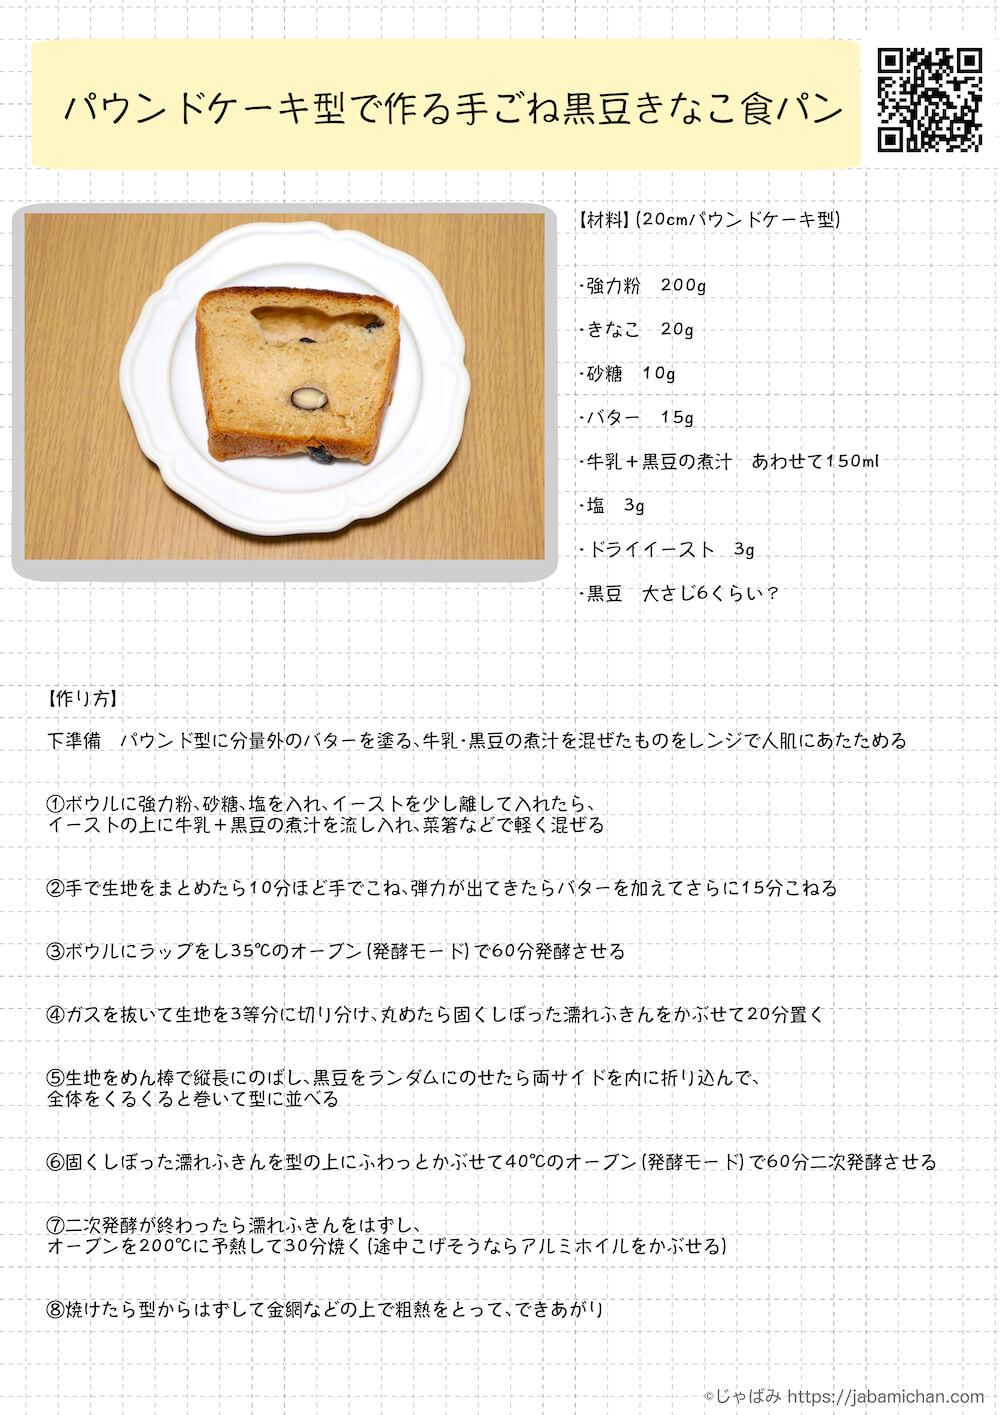 手ごね黒豆きなこ食パン レシピ